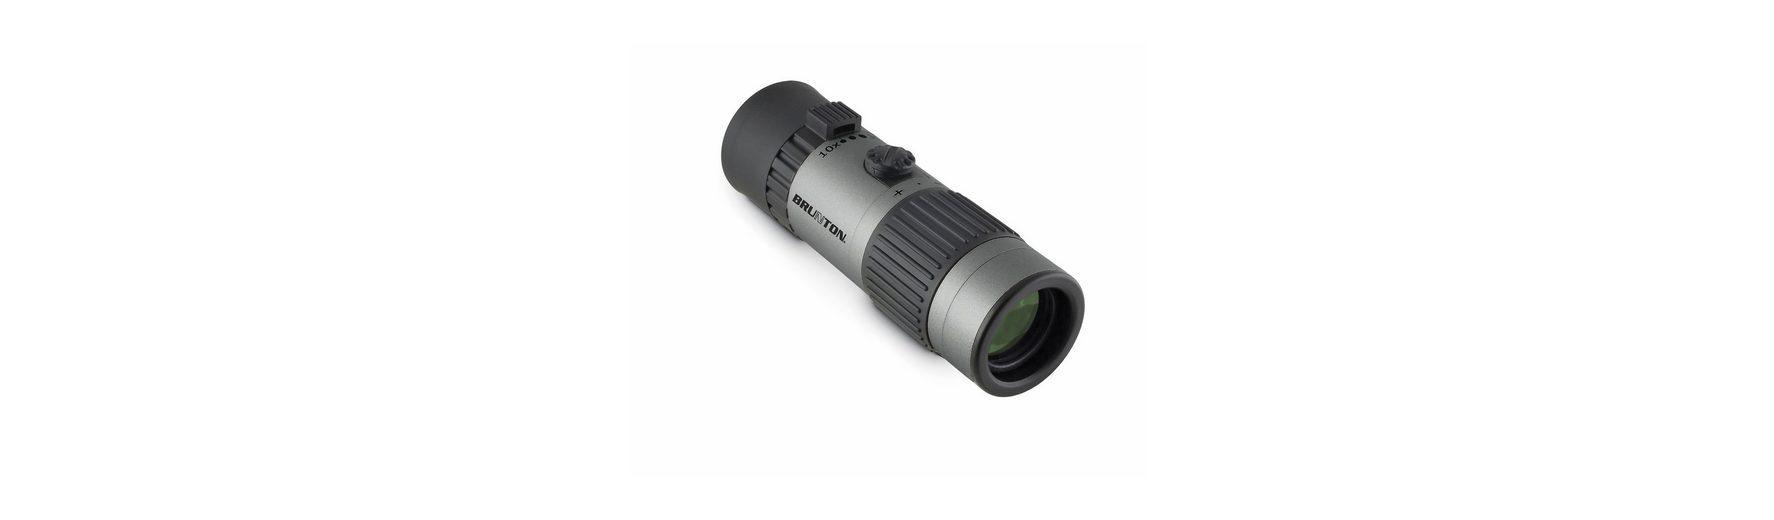 Brunton Fernglas »Echo Zoom Monokular 10-30x21«